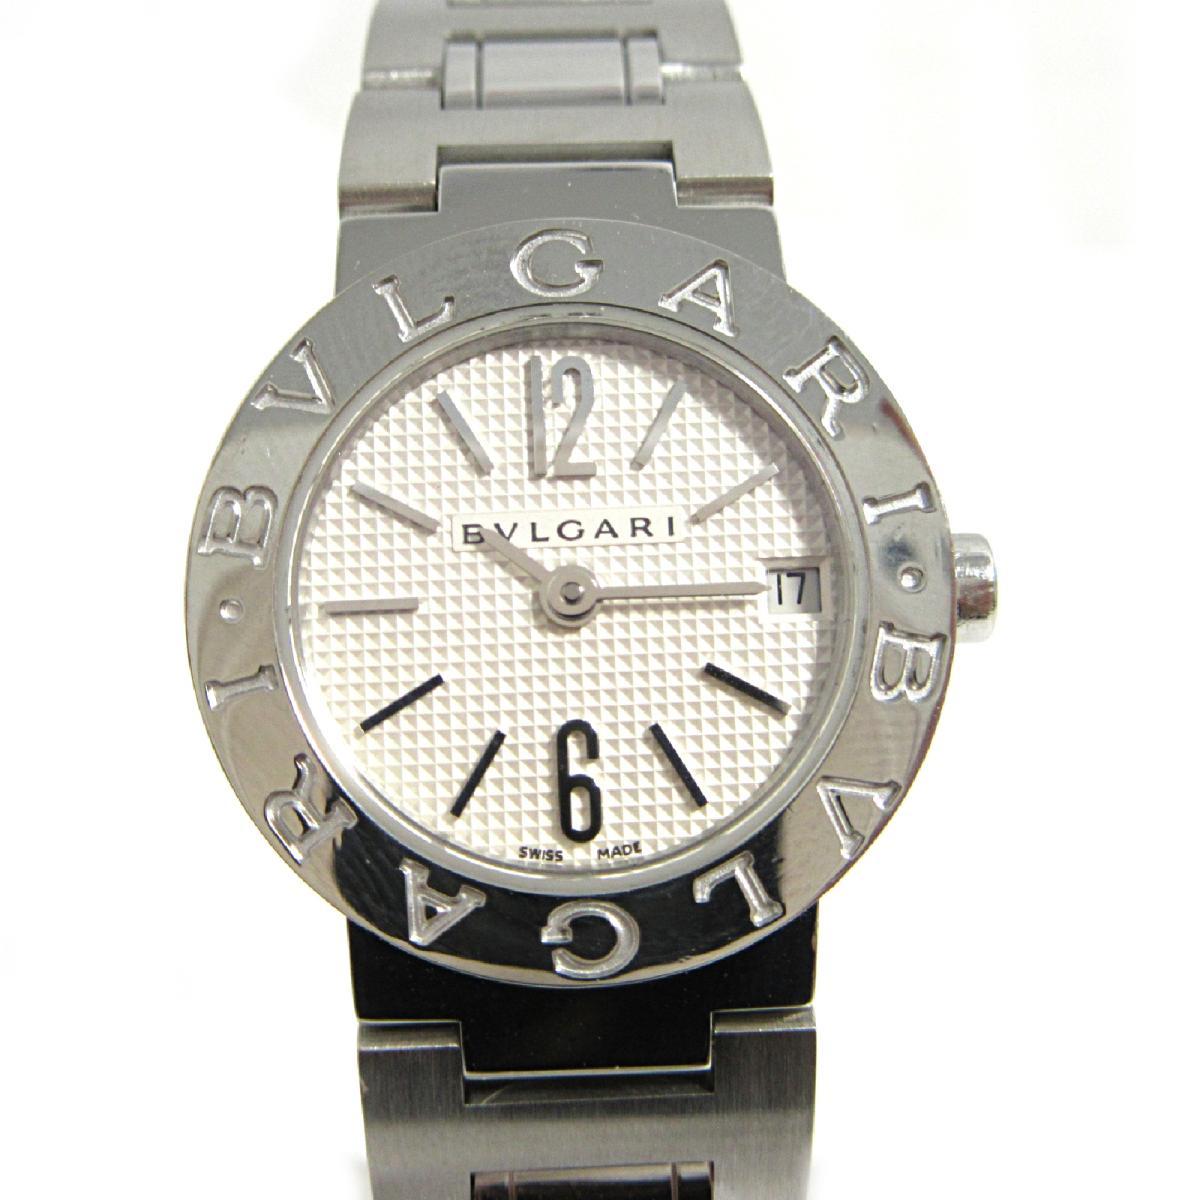 【中古】 ブルガリ ブルガリブルガリ 腕時計 ウォッチ レディース ステンレススチール (SS) (BB23WSSD)   BVLGARI BRANDOFF ブランドオフ ブランド ブランド時計 ブランド腕時計 時計